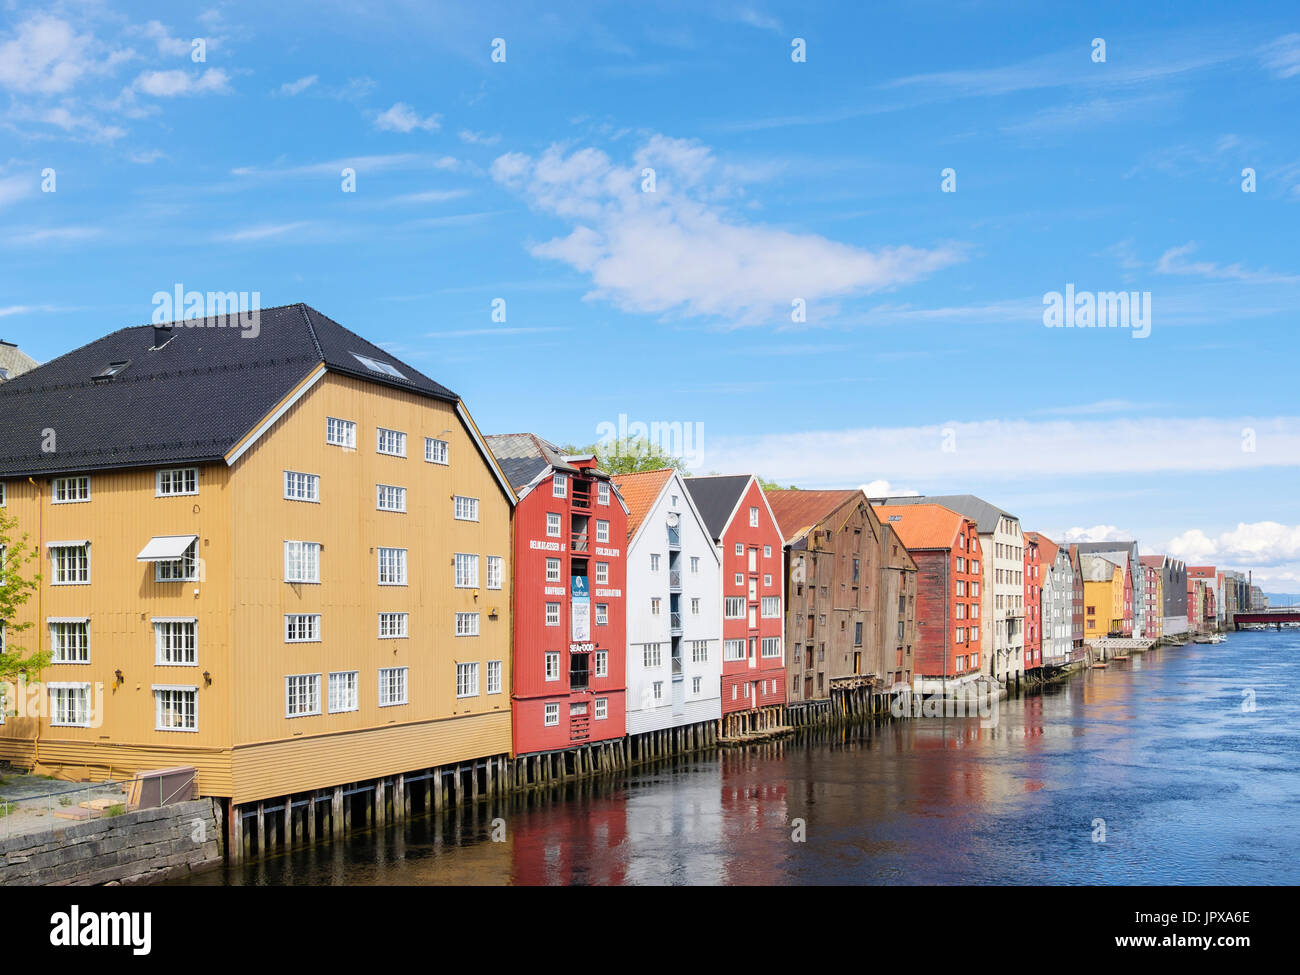 Coloridos edificios histórico almacén de madera sobre pilotes sobre el río Nidelva waterfront en la parte vieja de la ciudad en verano. Trondheim, Noruega Escandinavia Imagen De Stock